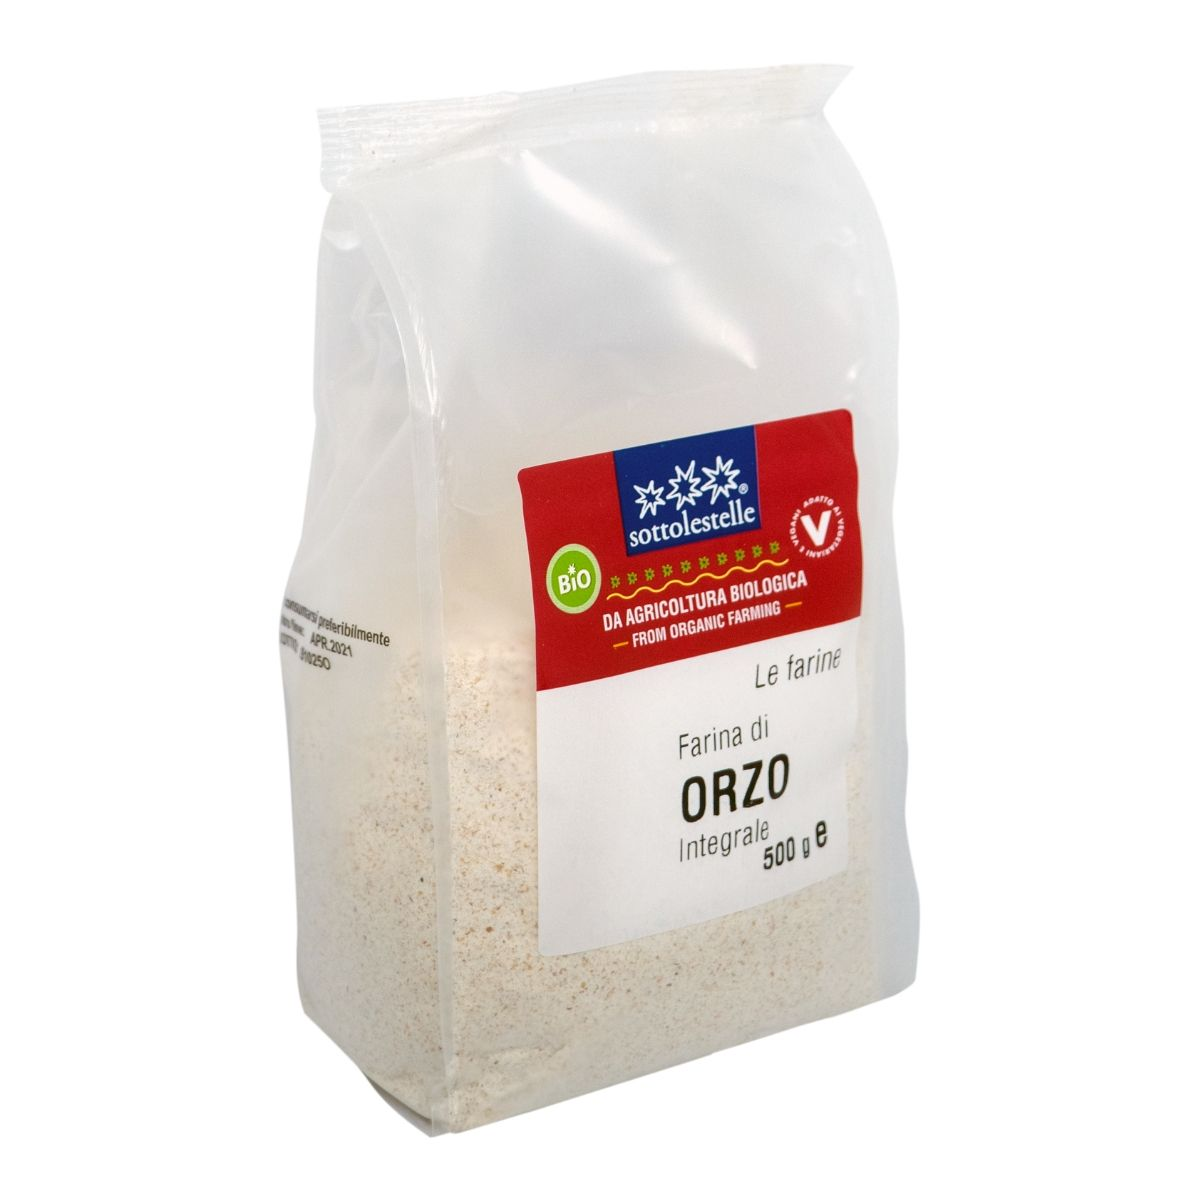 8032454071123 B Bột ý dĩ Barley nguyên cám hữu cơ Sotto 500g - Farina di Orzo Integrale